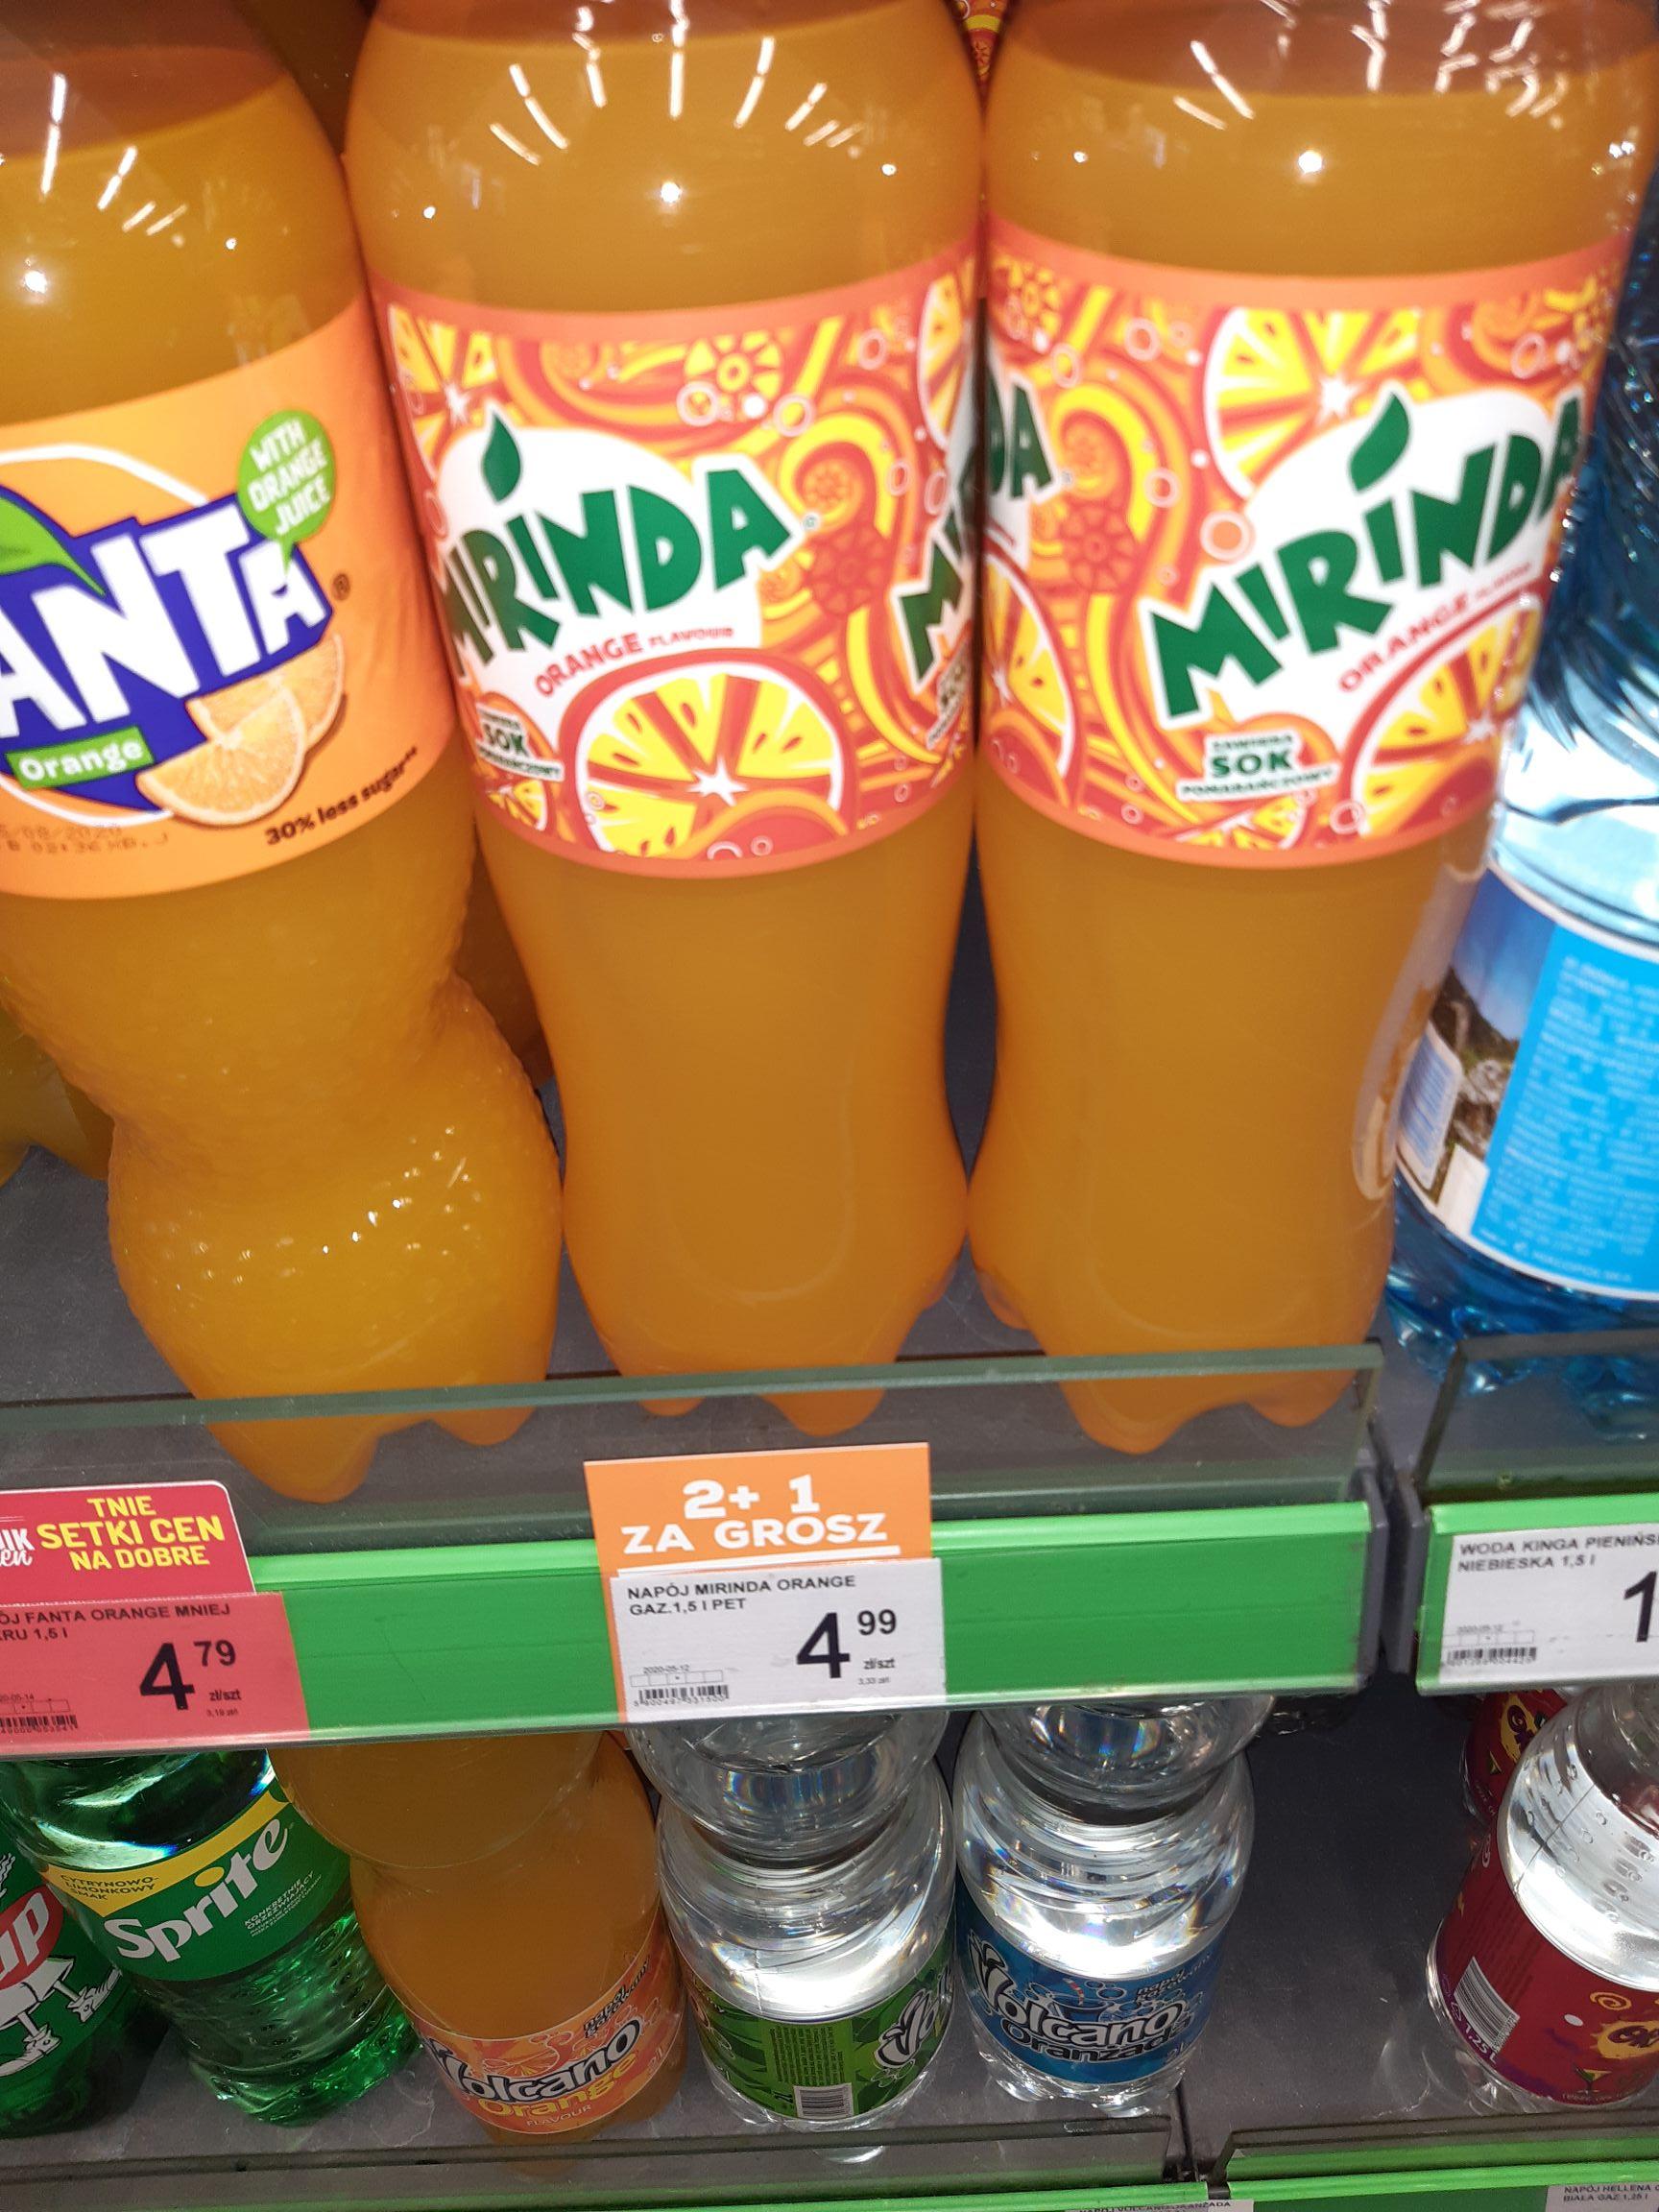 Napój Mirinda 1.5l za 3.33zł przy zakupie 3 sztuk Delikatesy Centrum Szczyrzyc